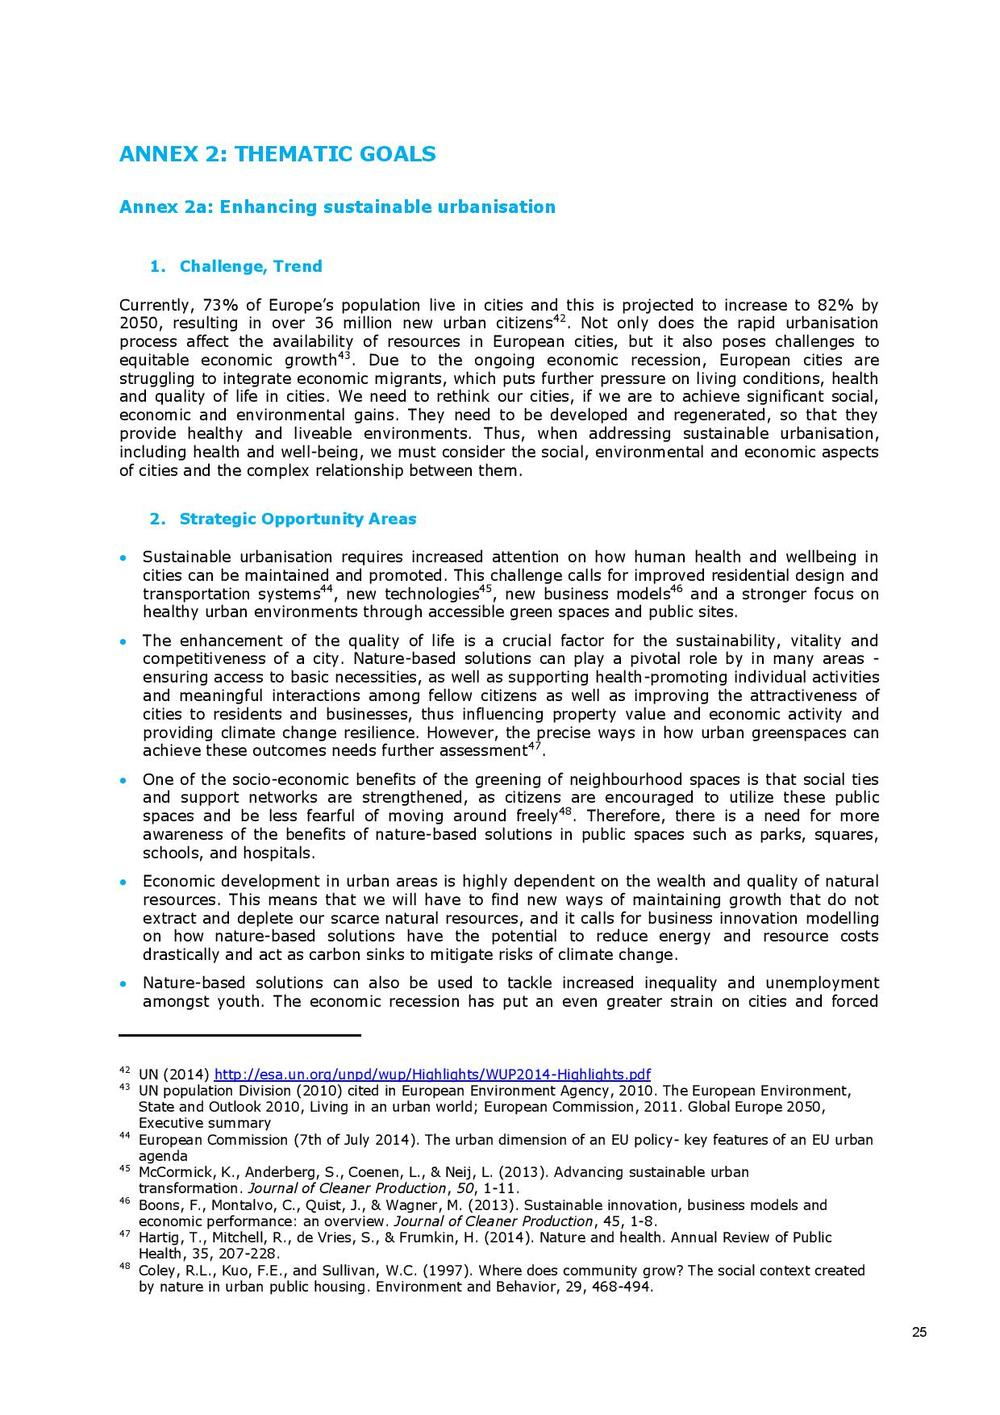 DG RTD_WEB-Publication A4_NBS_long_version_20150310-page-027.jpg